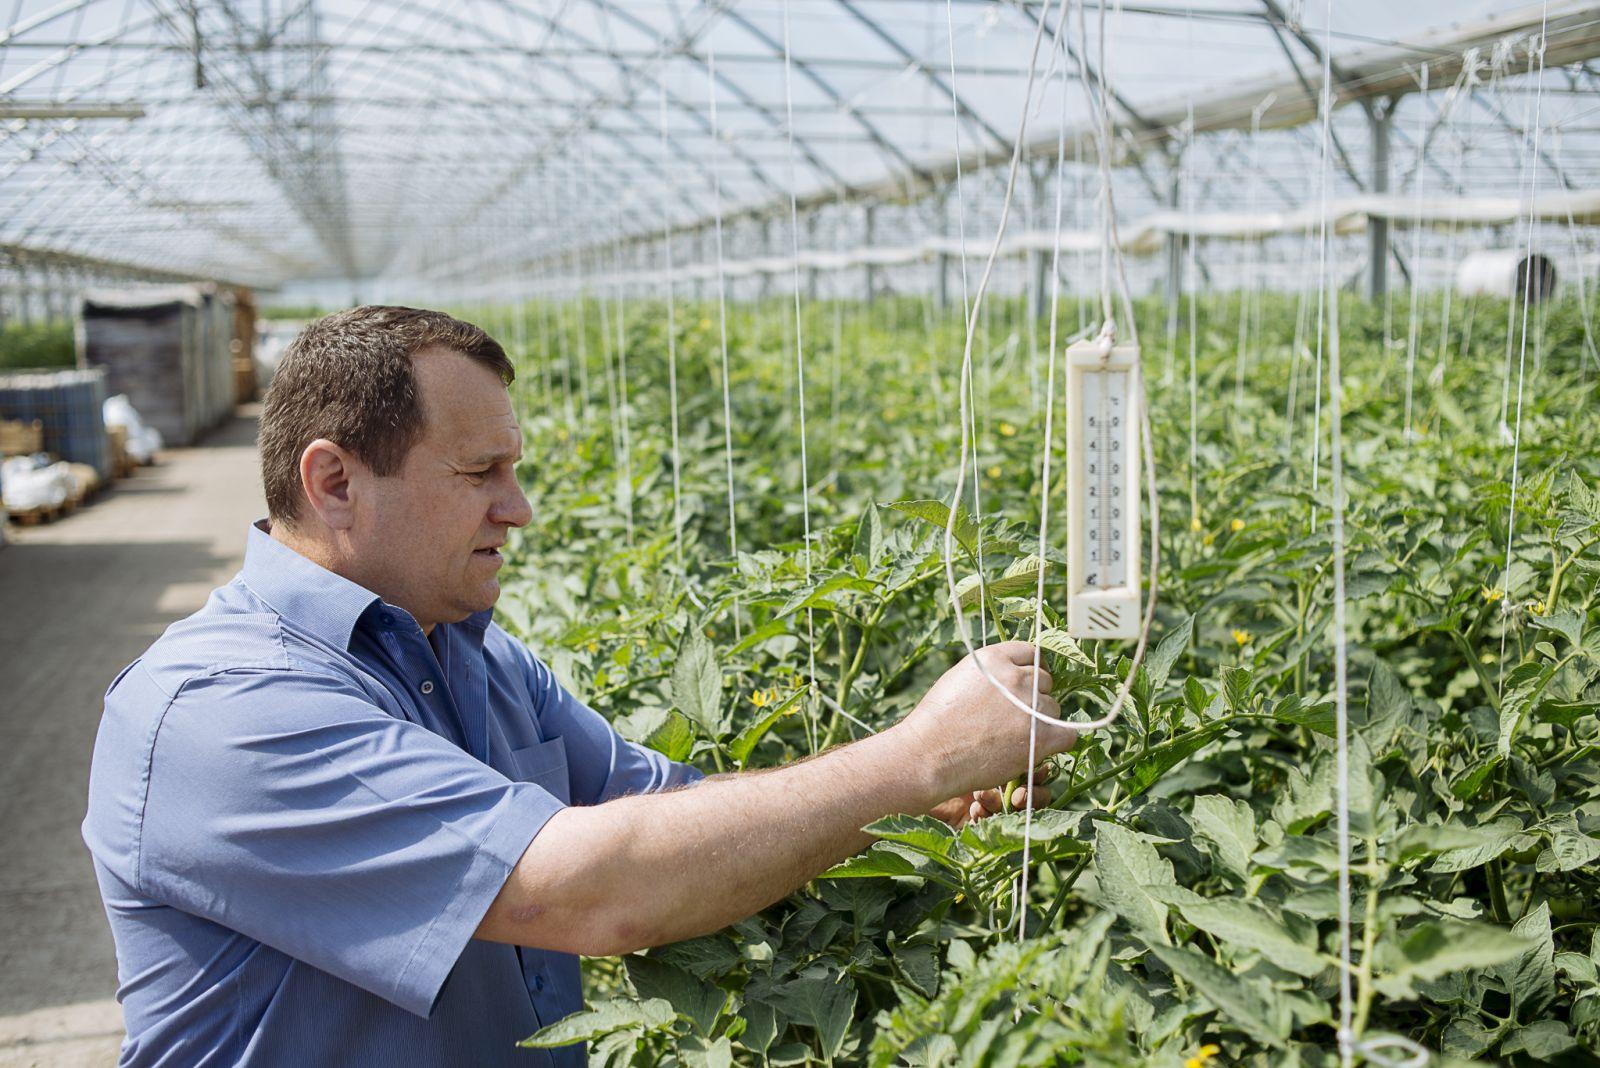 La perfectarea actelor pentru export nu există niciun fel de probleme, agricultor iurie bivol ialoveni, export de fructe in rusia, comert moldova ue, integrare europeana acordul de asociere